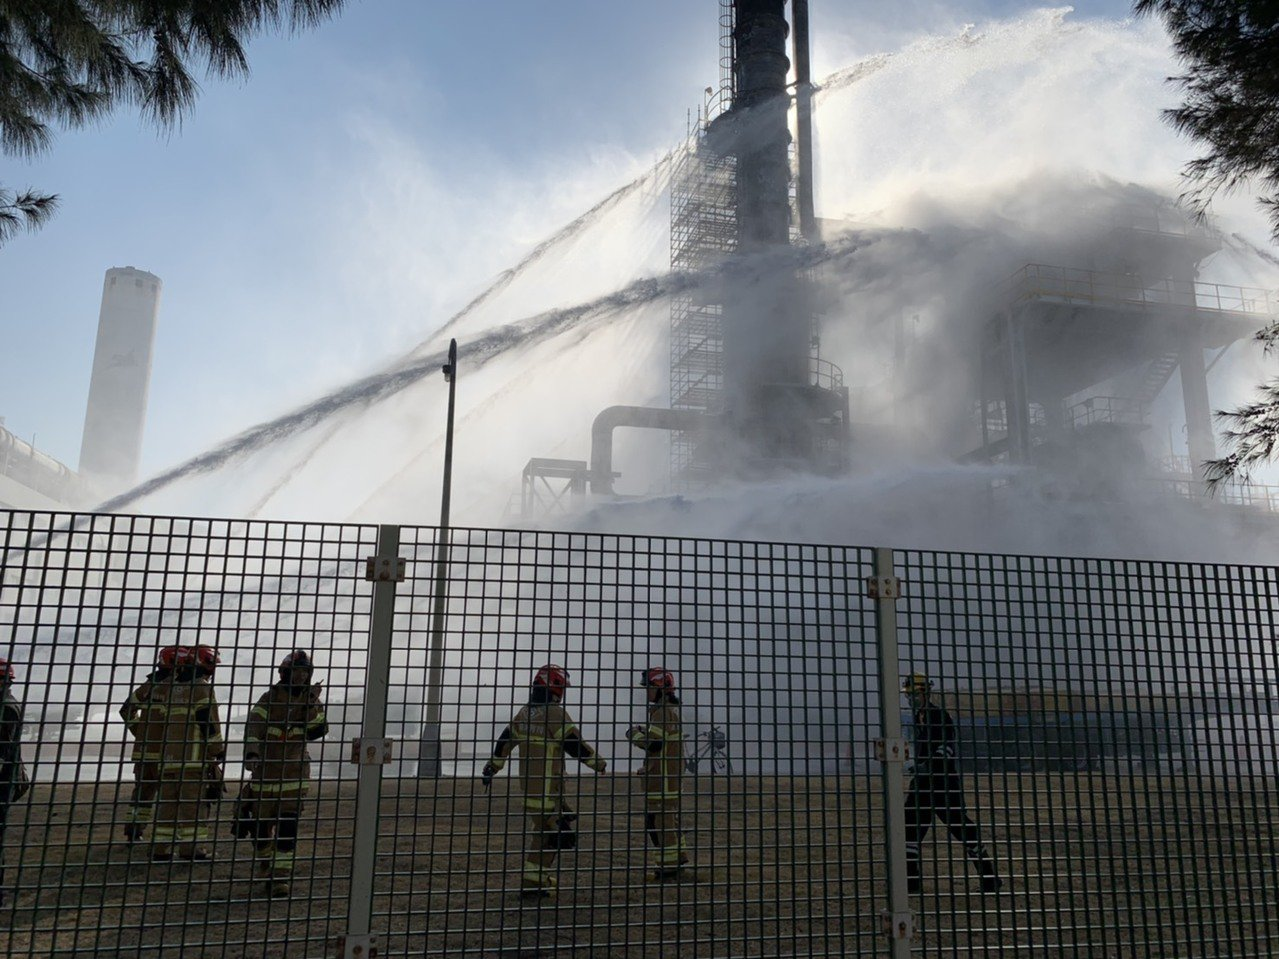 六輕煉油一廠下午突冒煙,消防隊出動強力水柱搶救,很快將冒煙控制下來,有驚無險。圖...